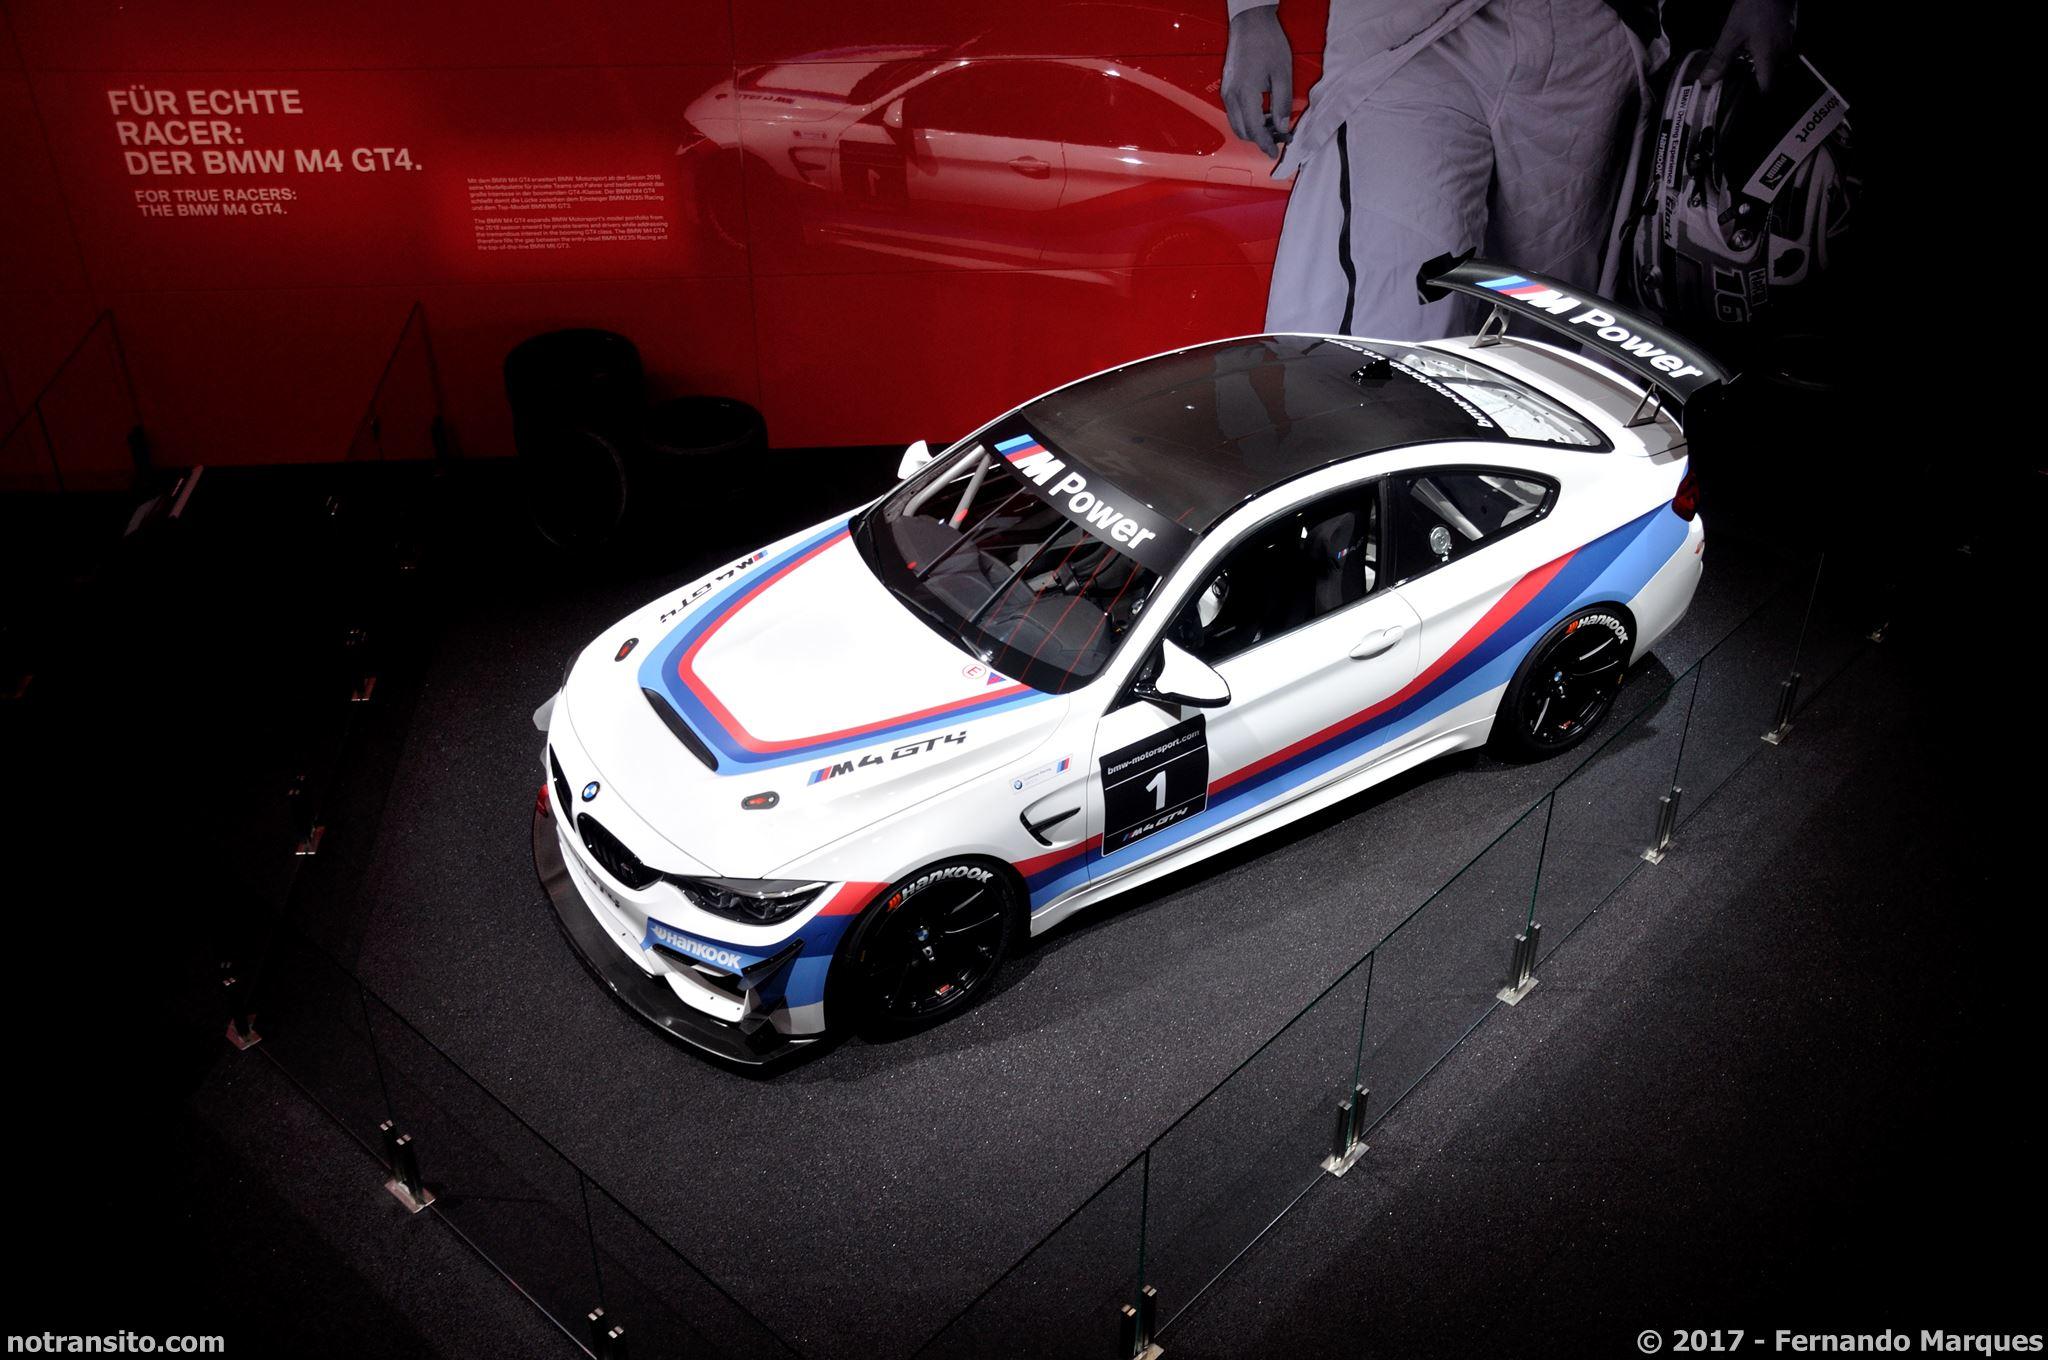 BMW-M4-GT4-Frankfurt-2017-001